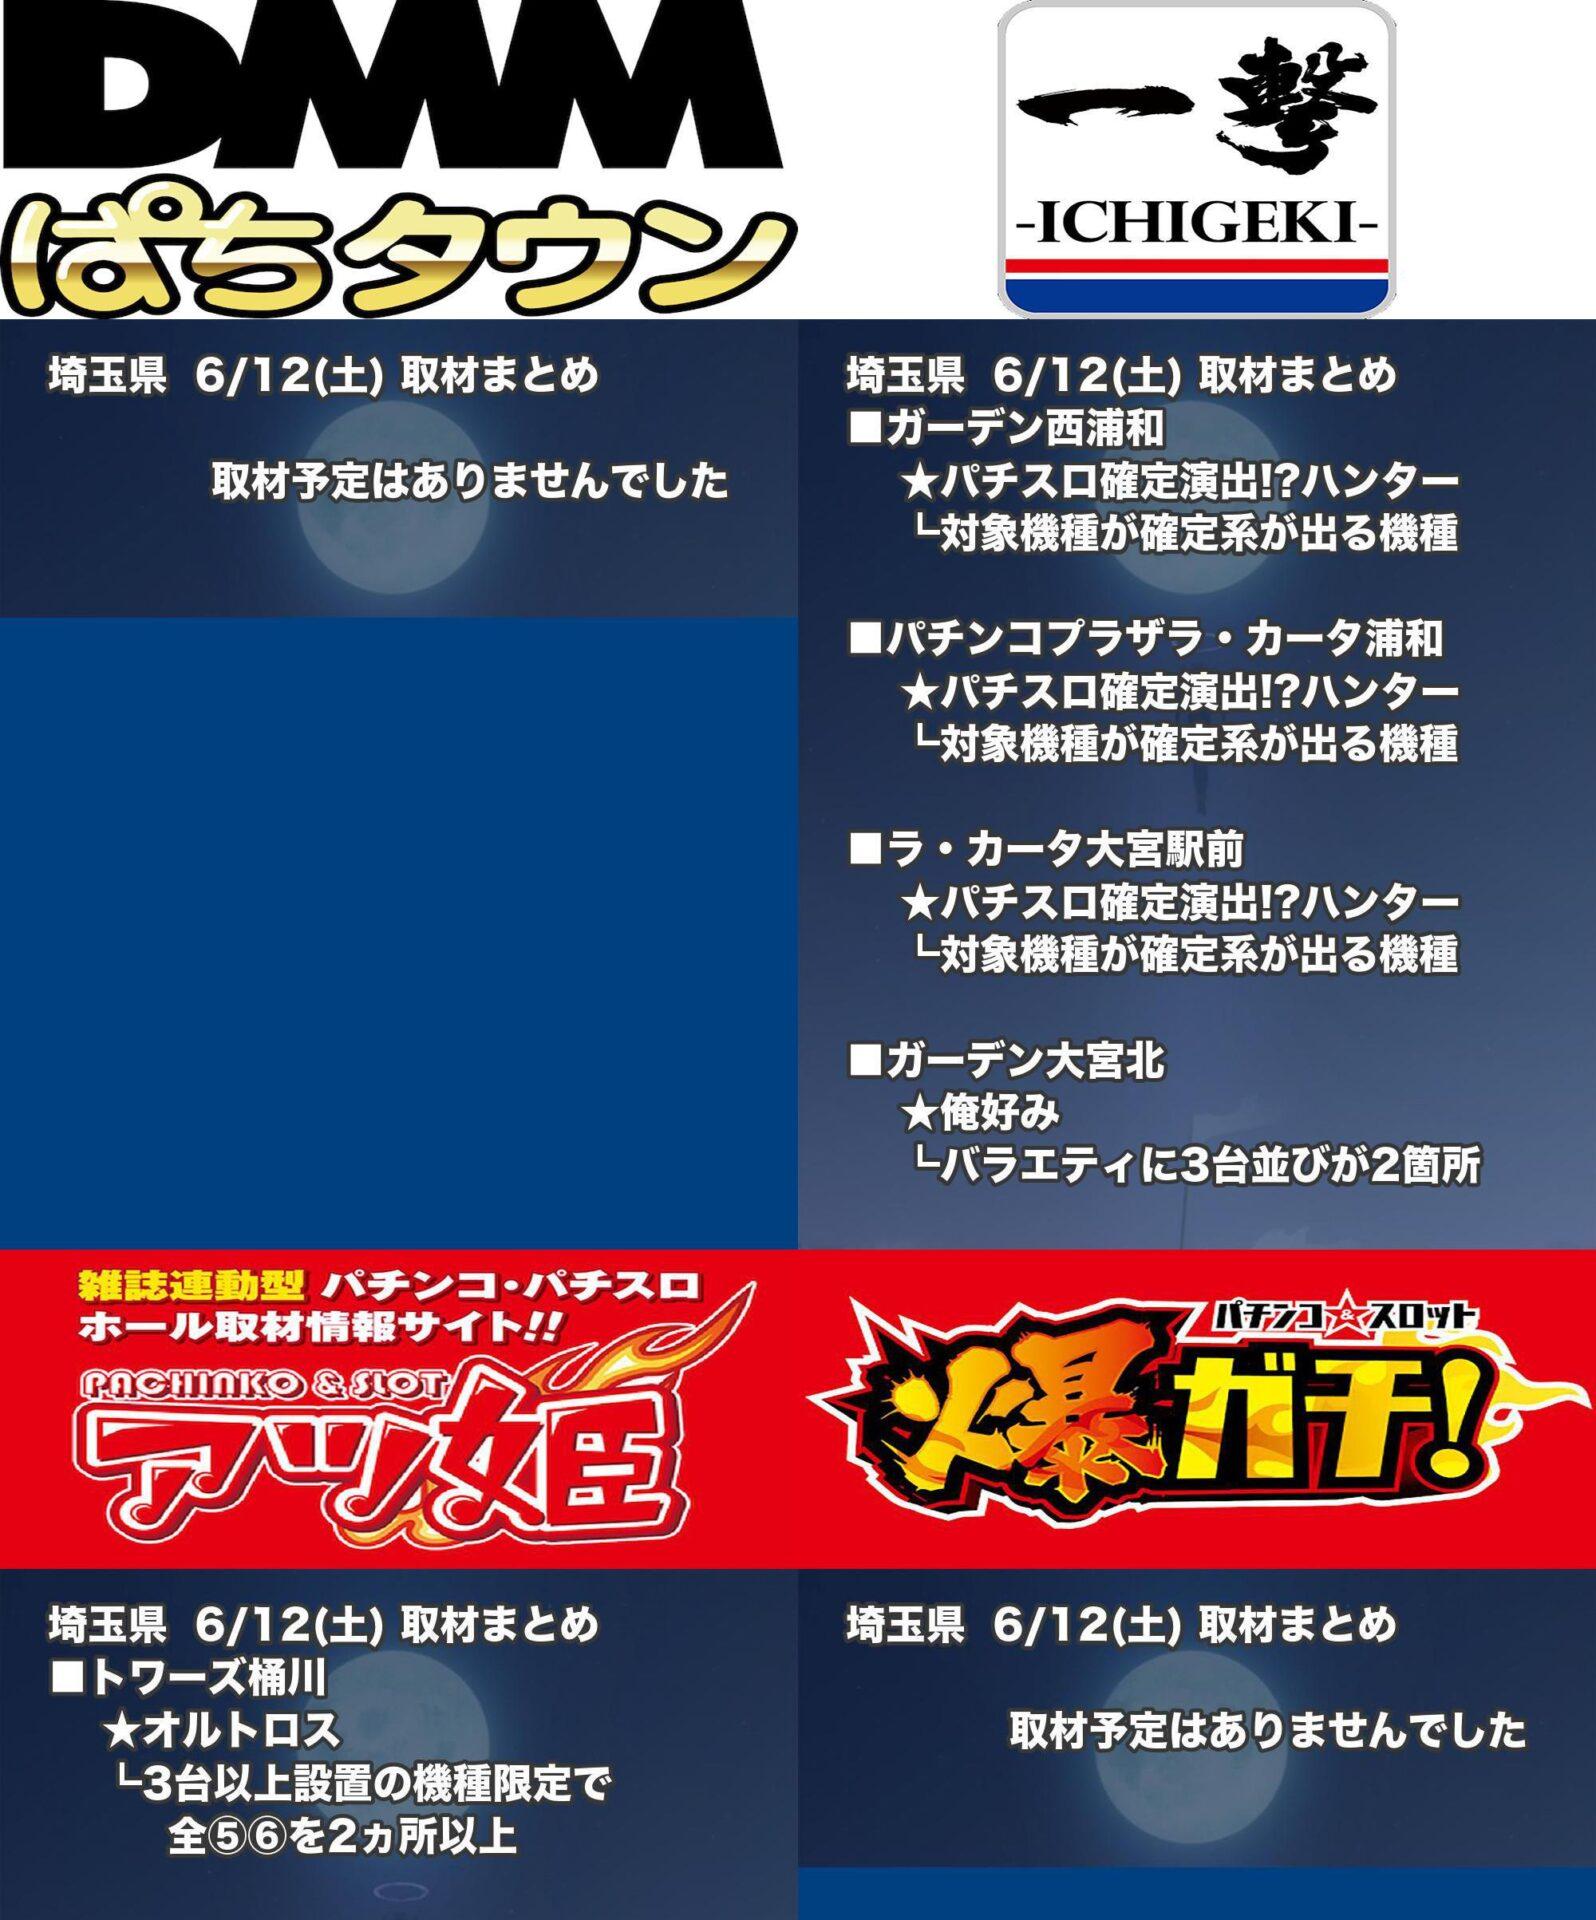 埼玉県_2021-06-12_パチンコ・パチスロ_イベント